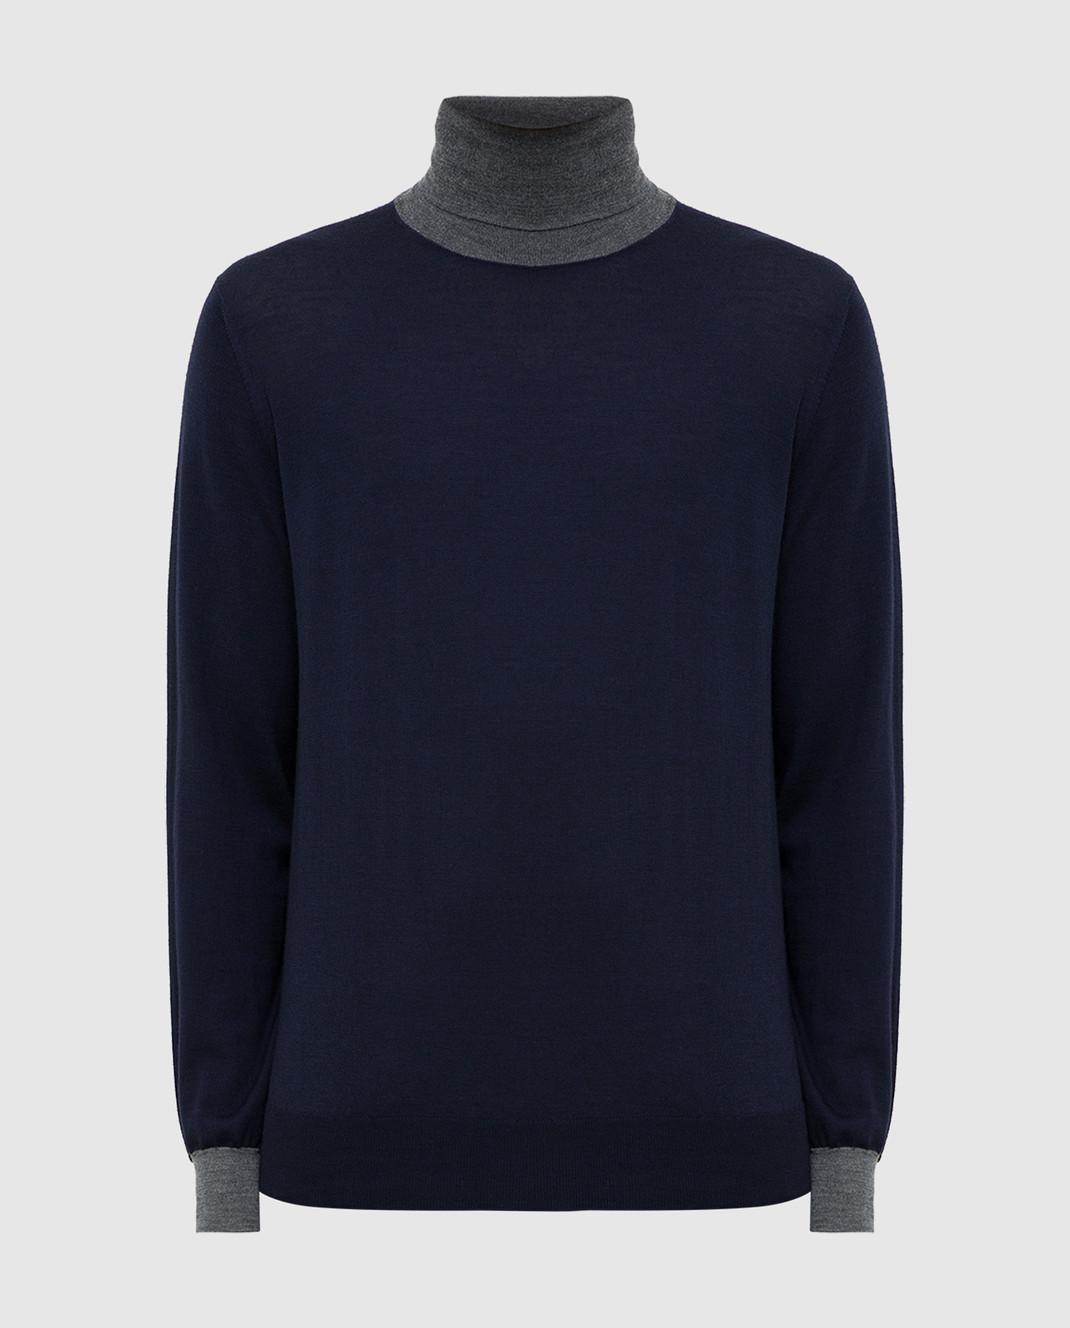 Brunello Cucinelli Темно-синий гольф из шерсти и кашемира изображение 1